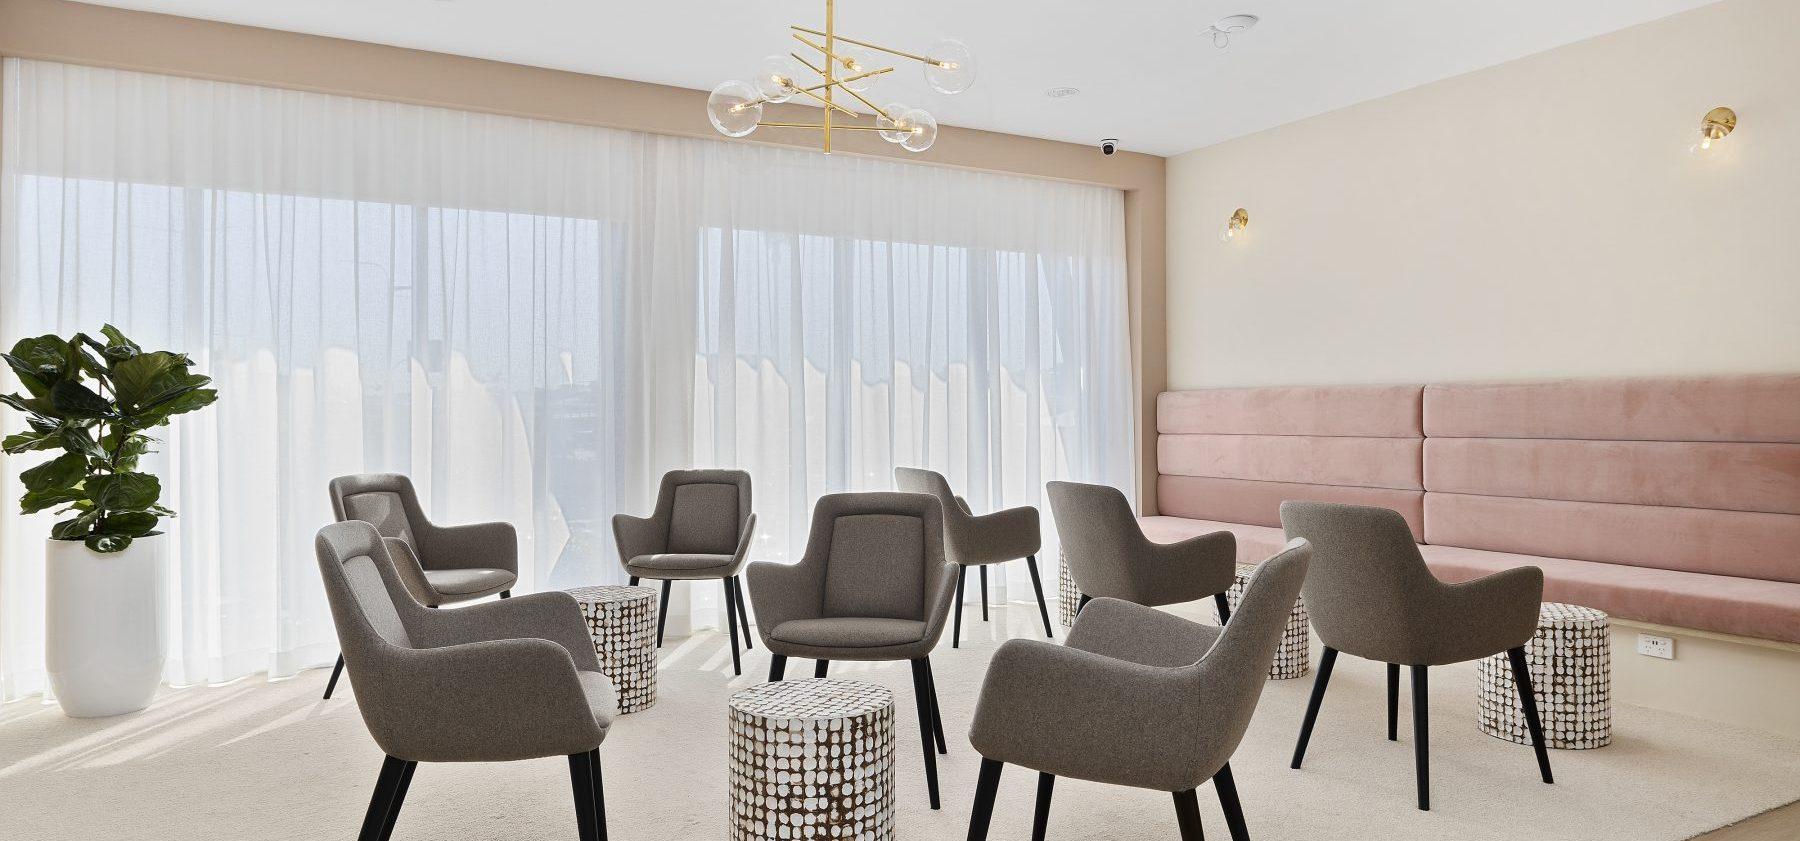 Banyans Bowen Hills Architecture-1